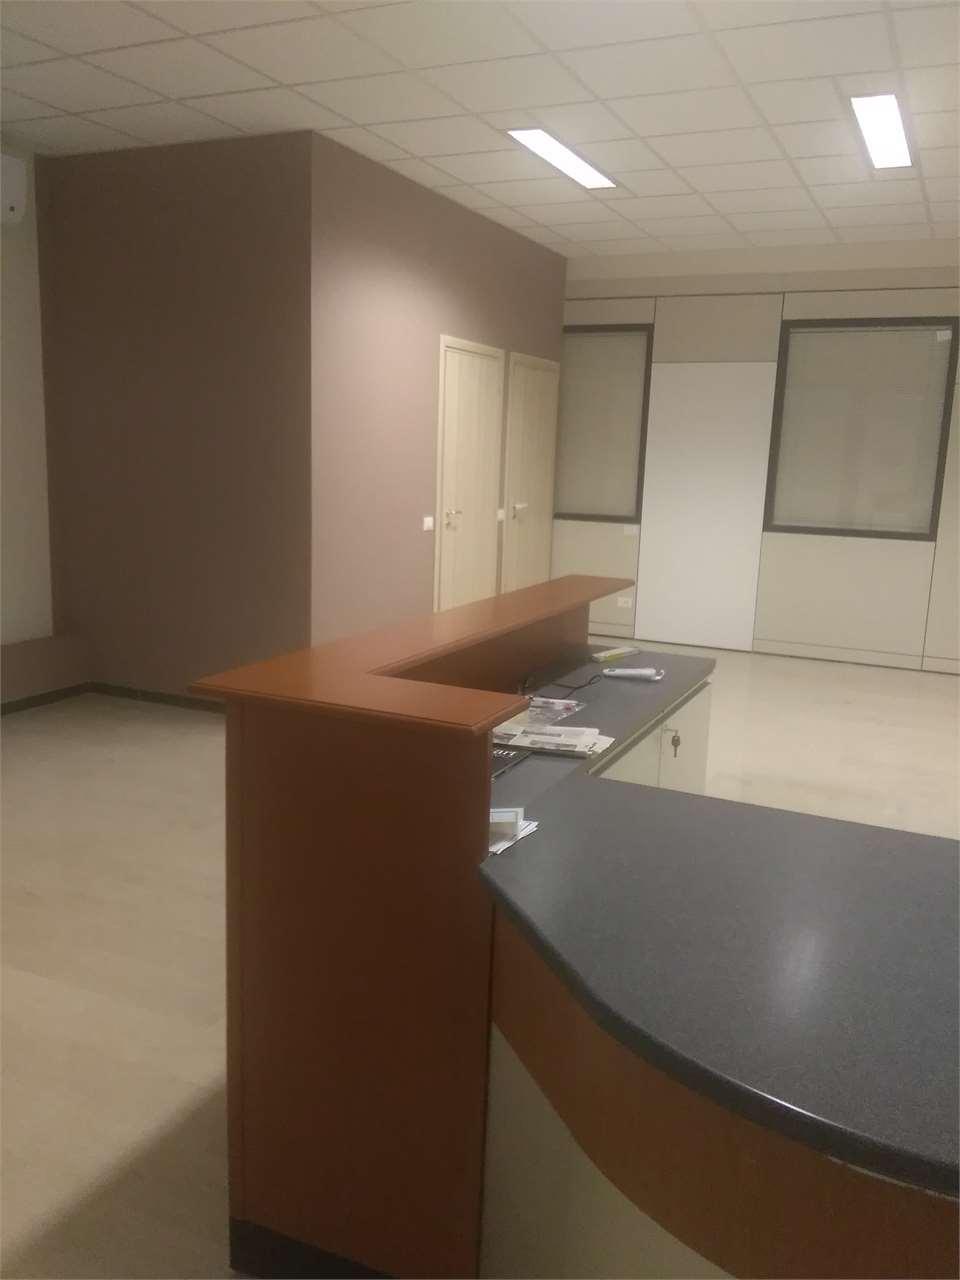 Ufficio / Studio in affitto a Mansuè, 1 locali, prezzo € 300   CambioCasa.it